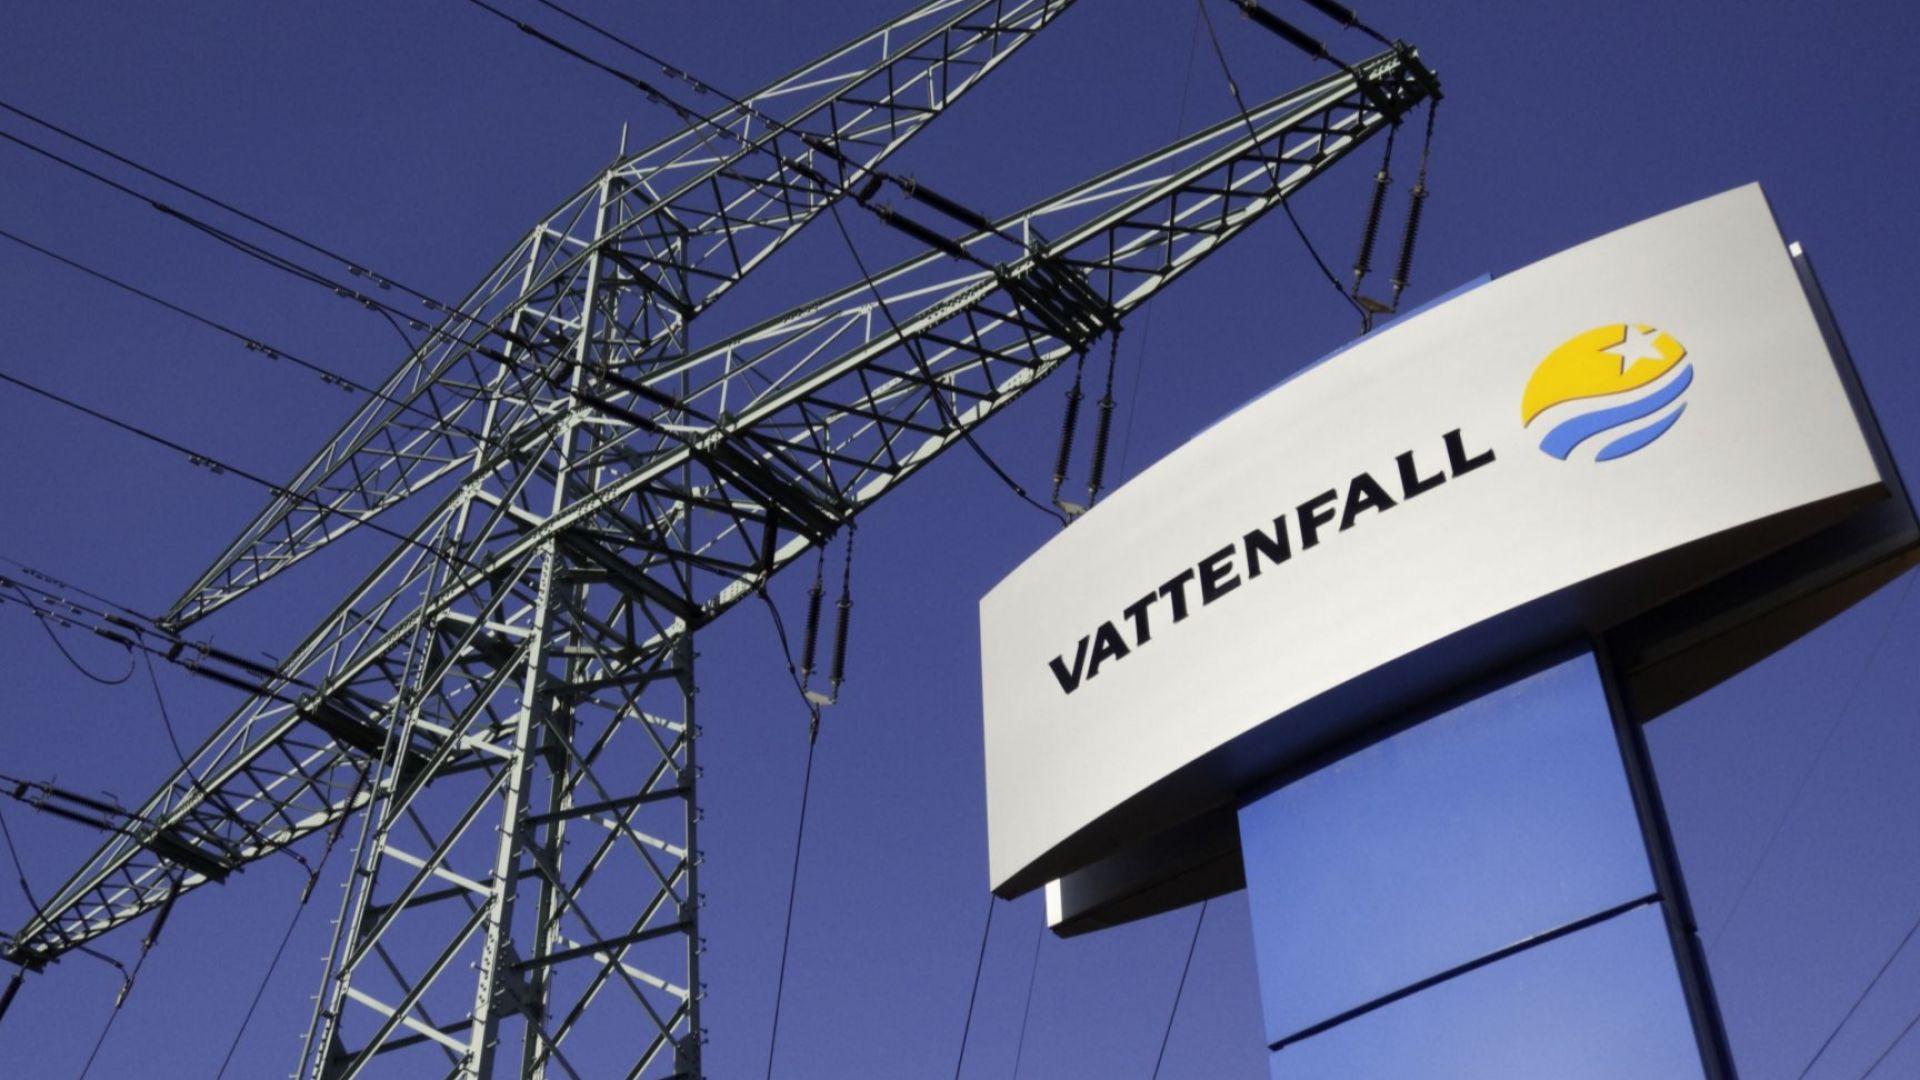 Швеция затвори втори ядрен реактор